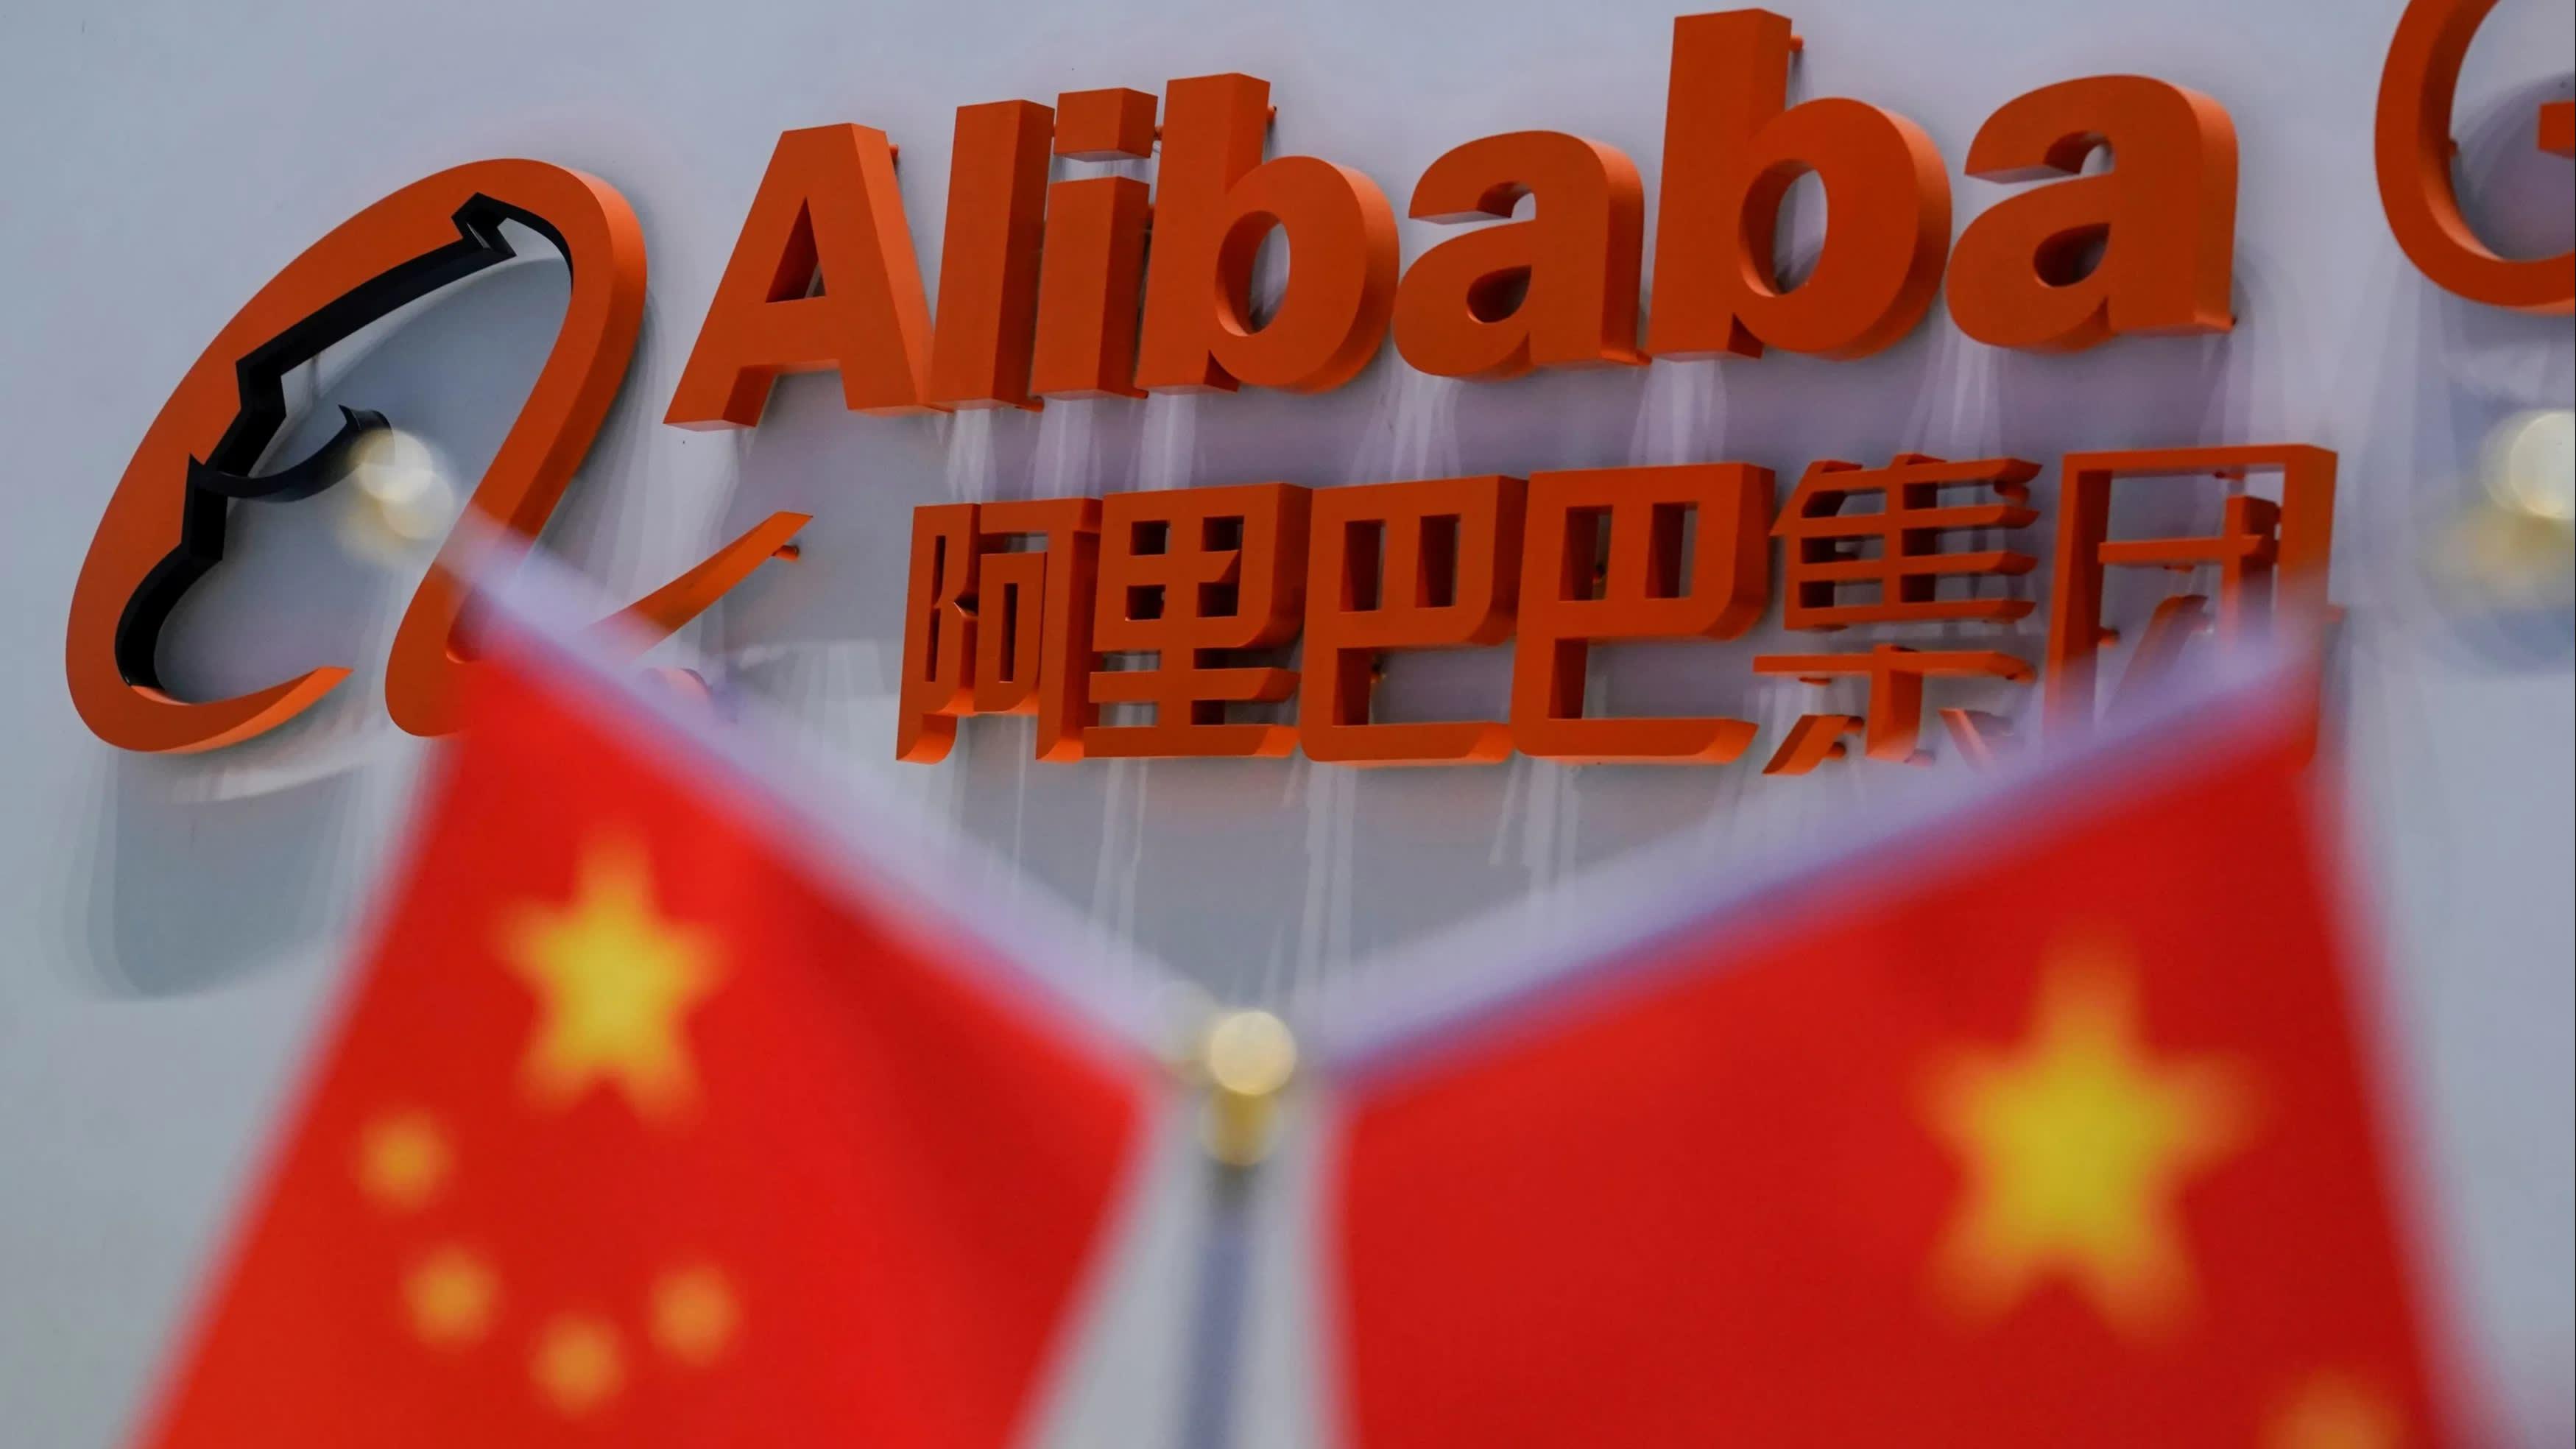 Alibaba quay lại Hồng Kông tiết lộ 2 bí mật của ĐCSTQ (ảnh 1)